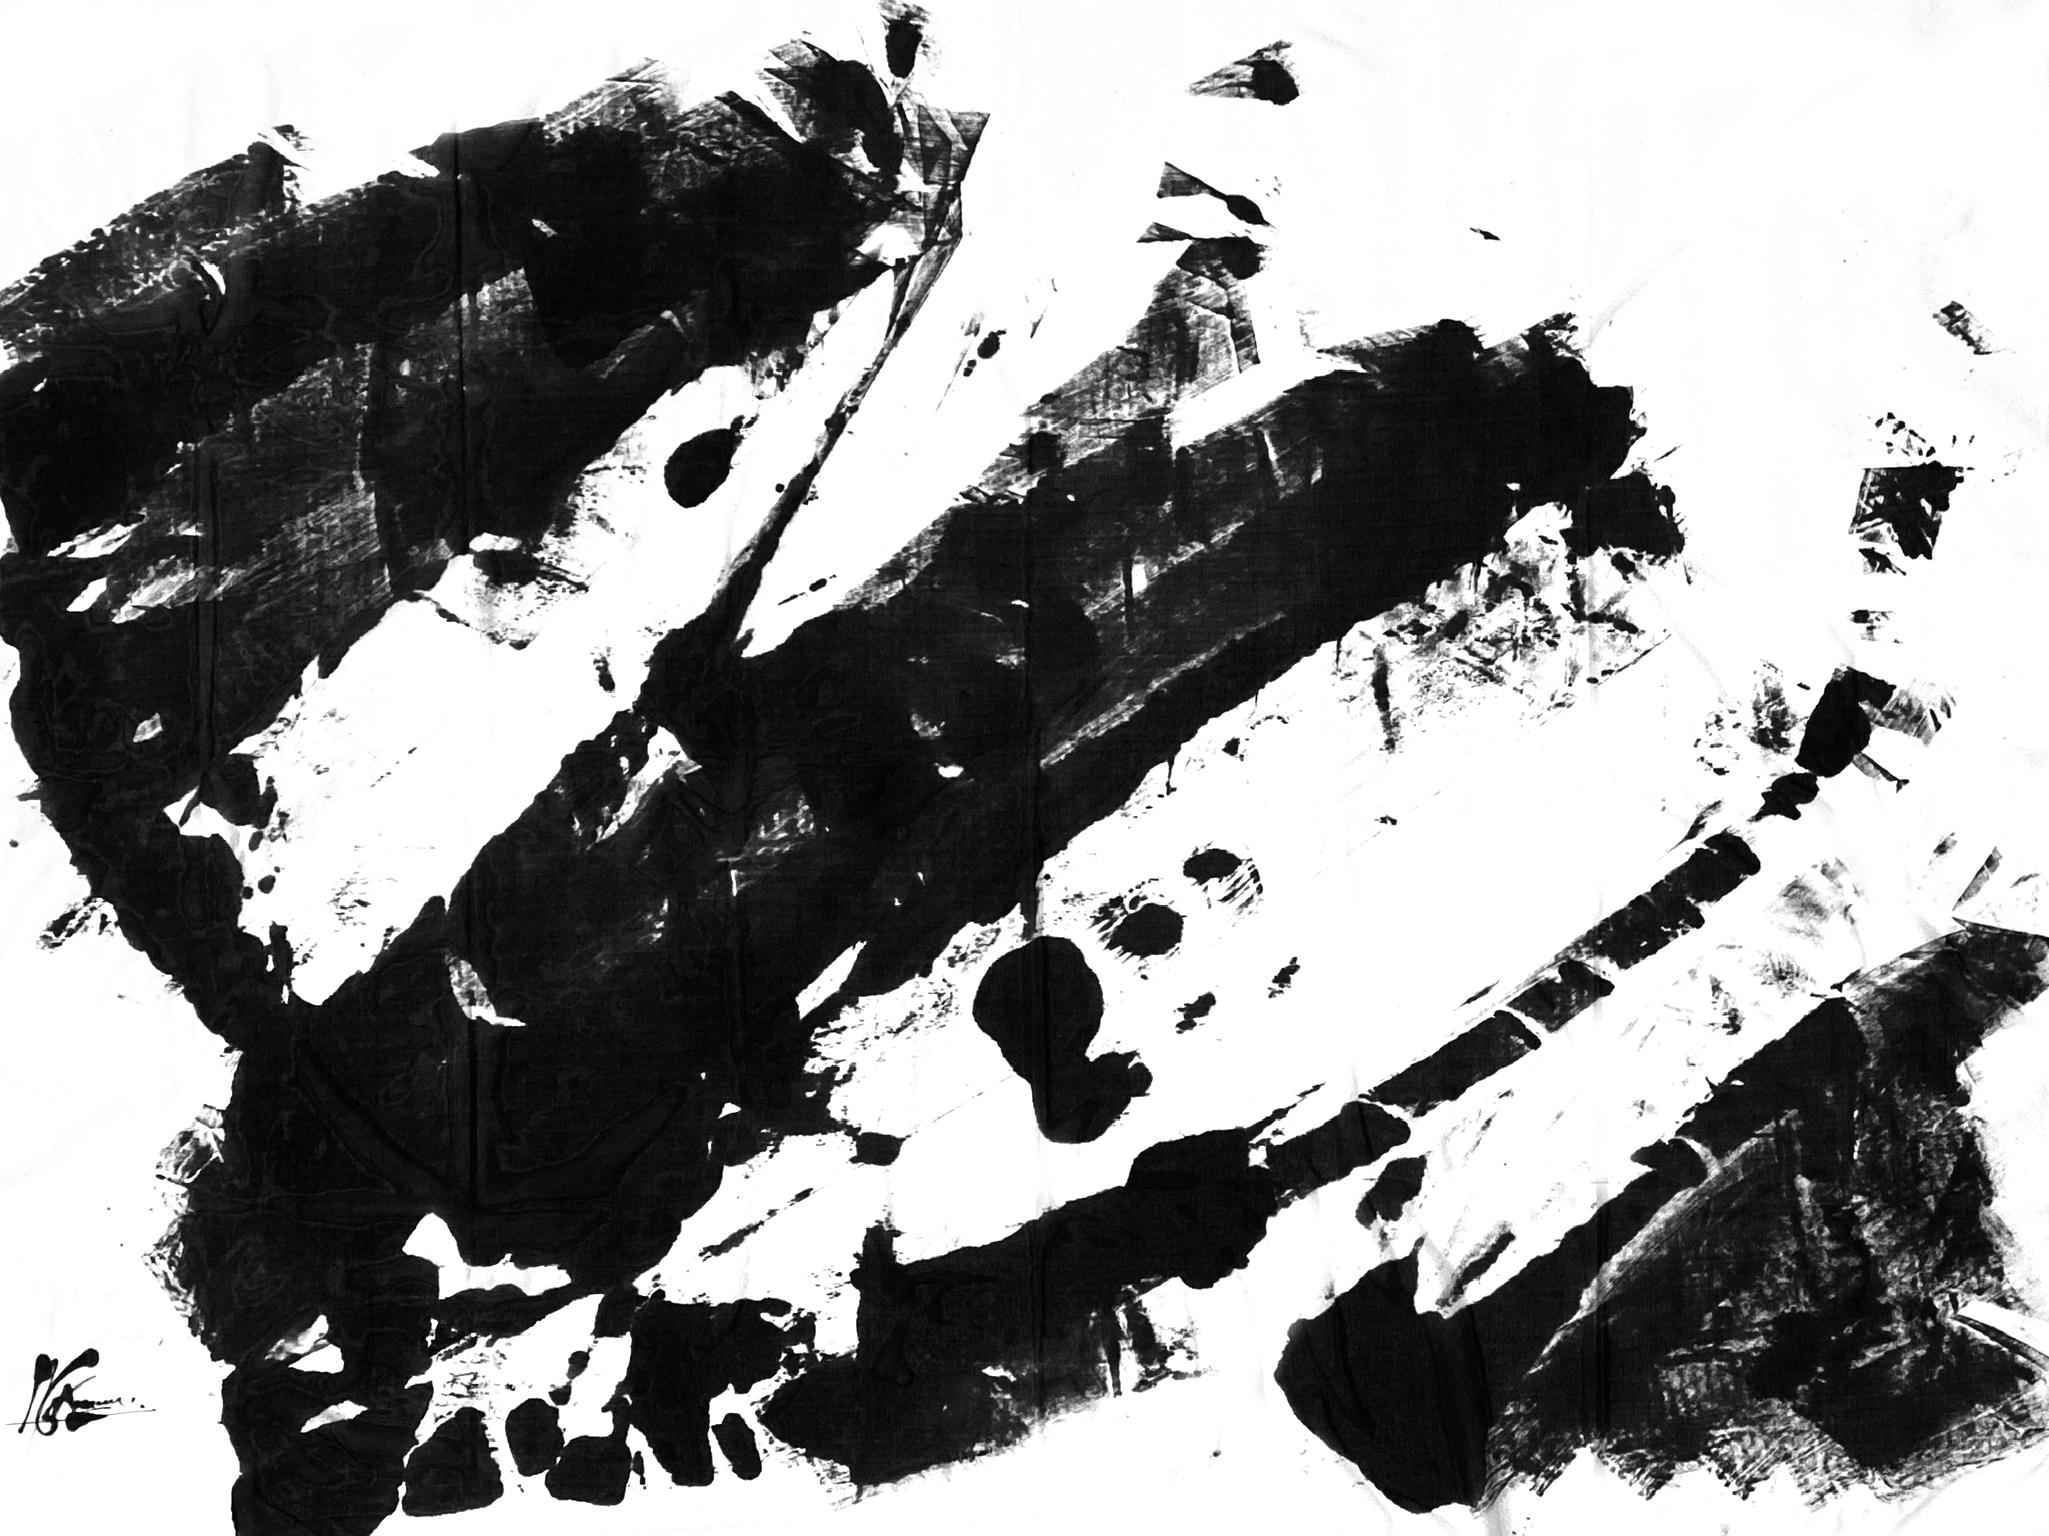 [着るARTストール]PLAIN CORNICE STOLE【SILKシルク】1117SILK-HP58[登録意匠][送料/税込]